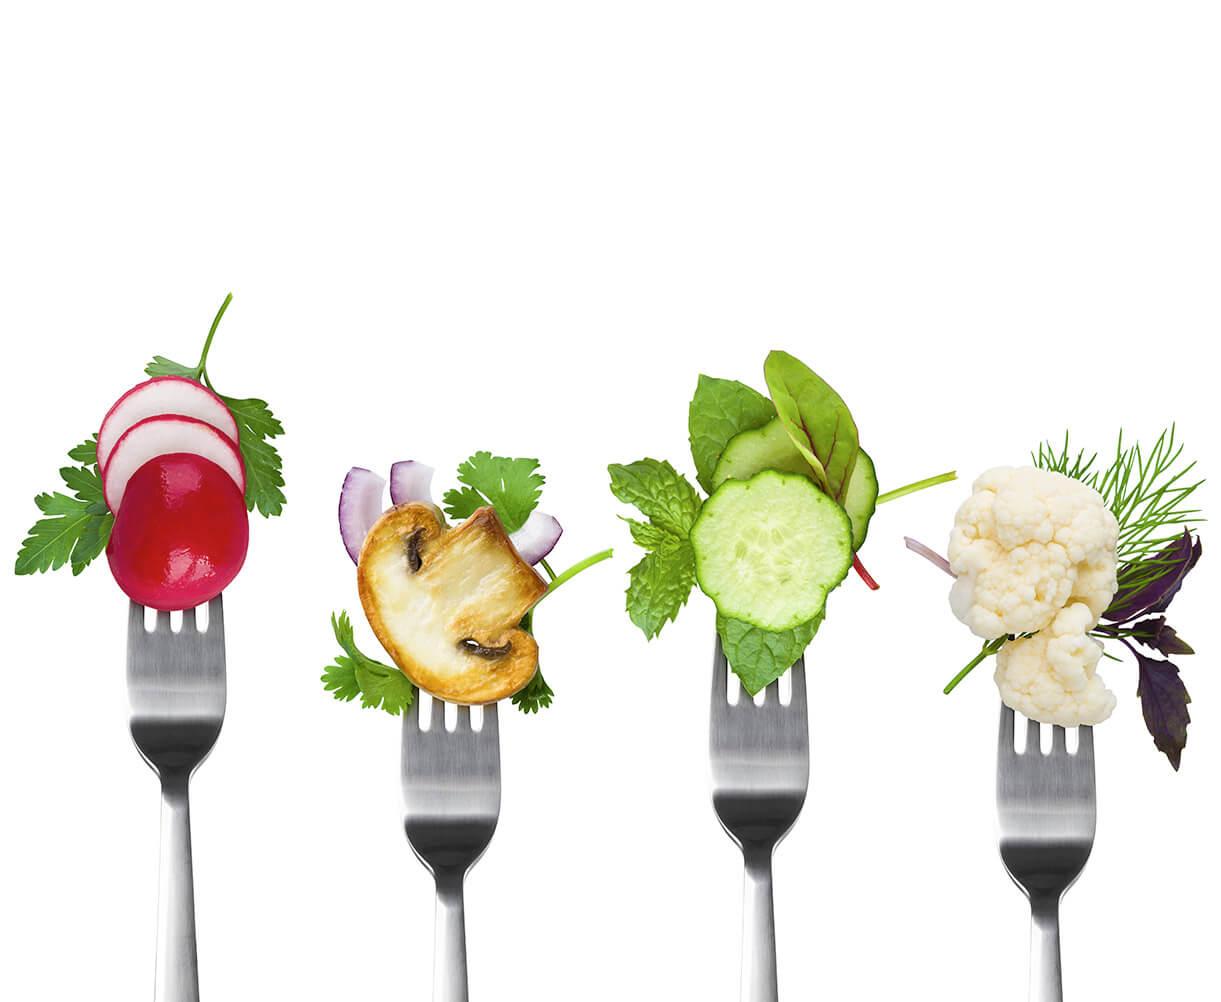 Lebensmittel für Onlineversand optimal darstellen